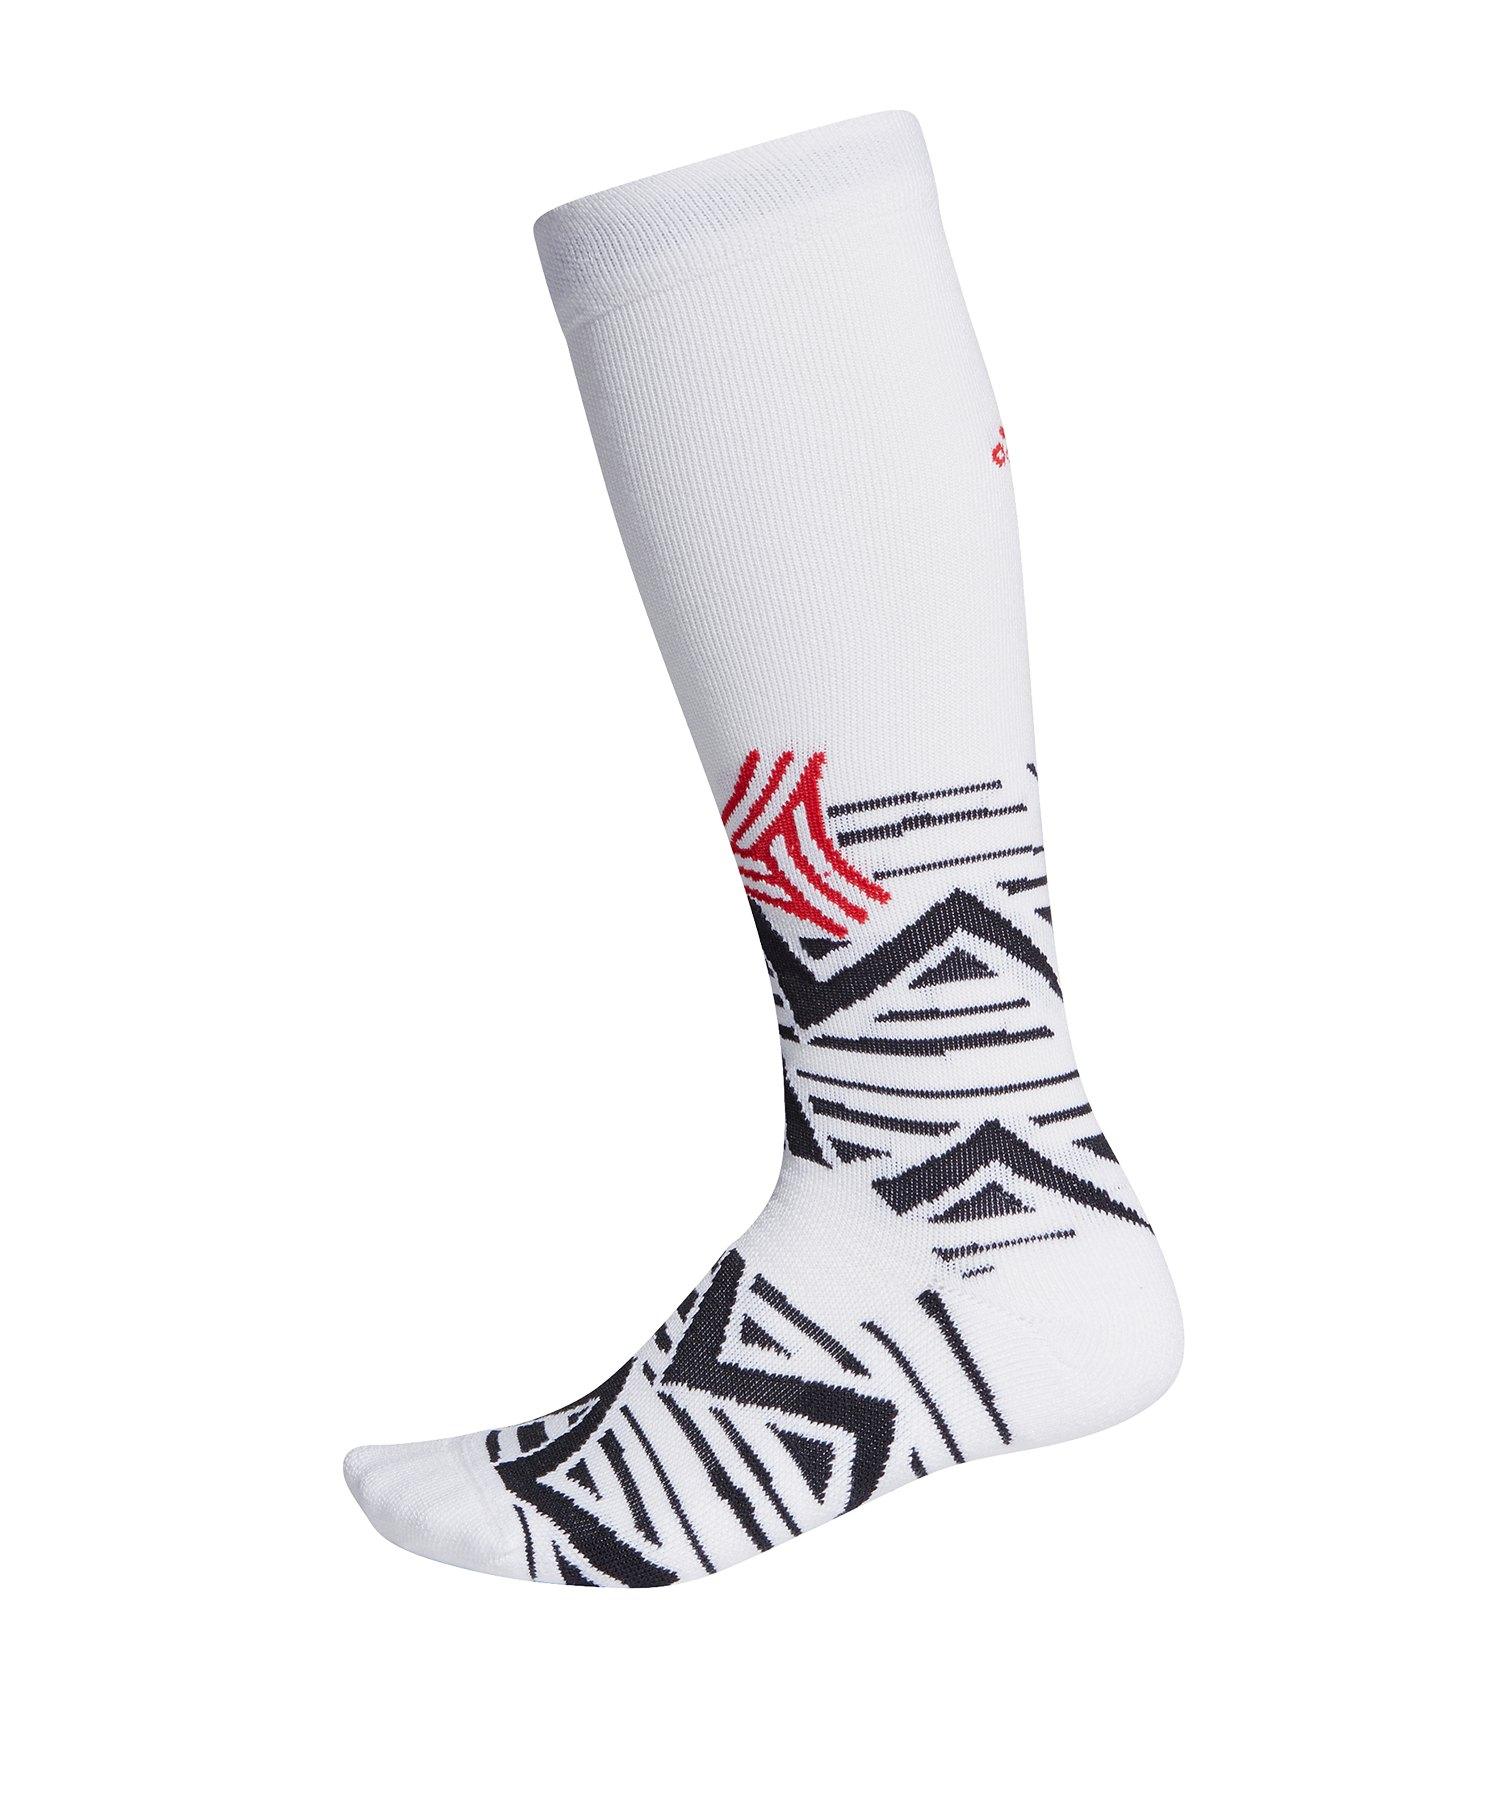 adidas ASK GR OTC Socken Weiss Schwarz Rot - weiss